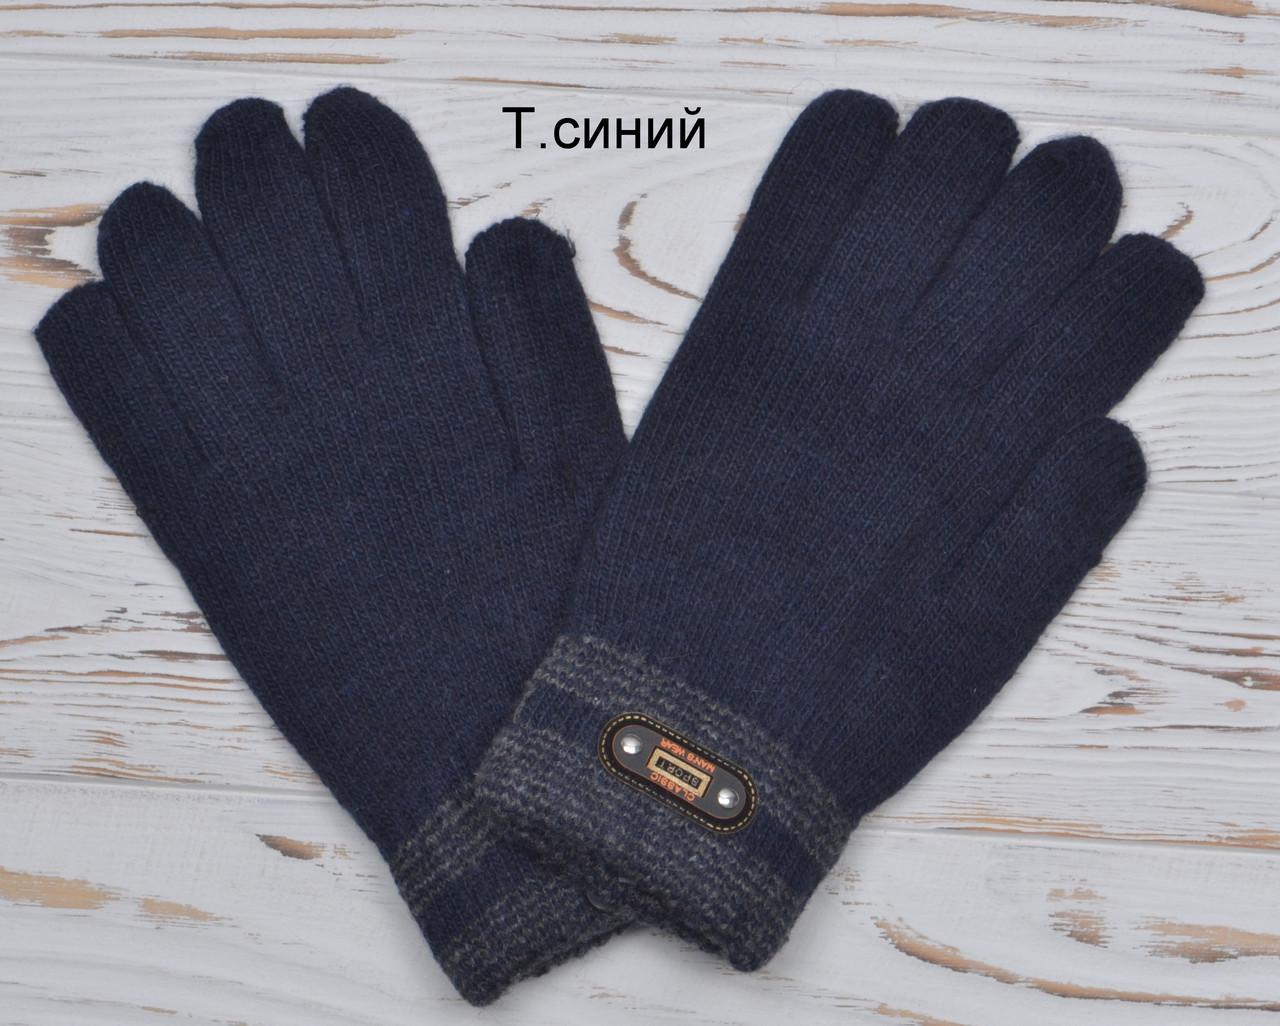 №479 Перчатки двойные Спорт . Размер L 6-9 лет, XL 9-12 лет. В наличии разные цвета. Завоз от 06.12.19